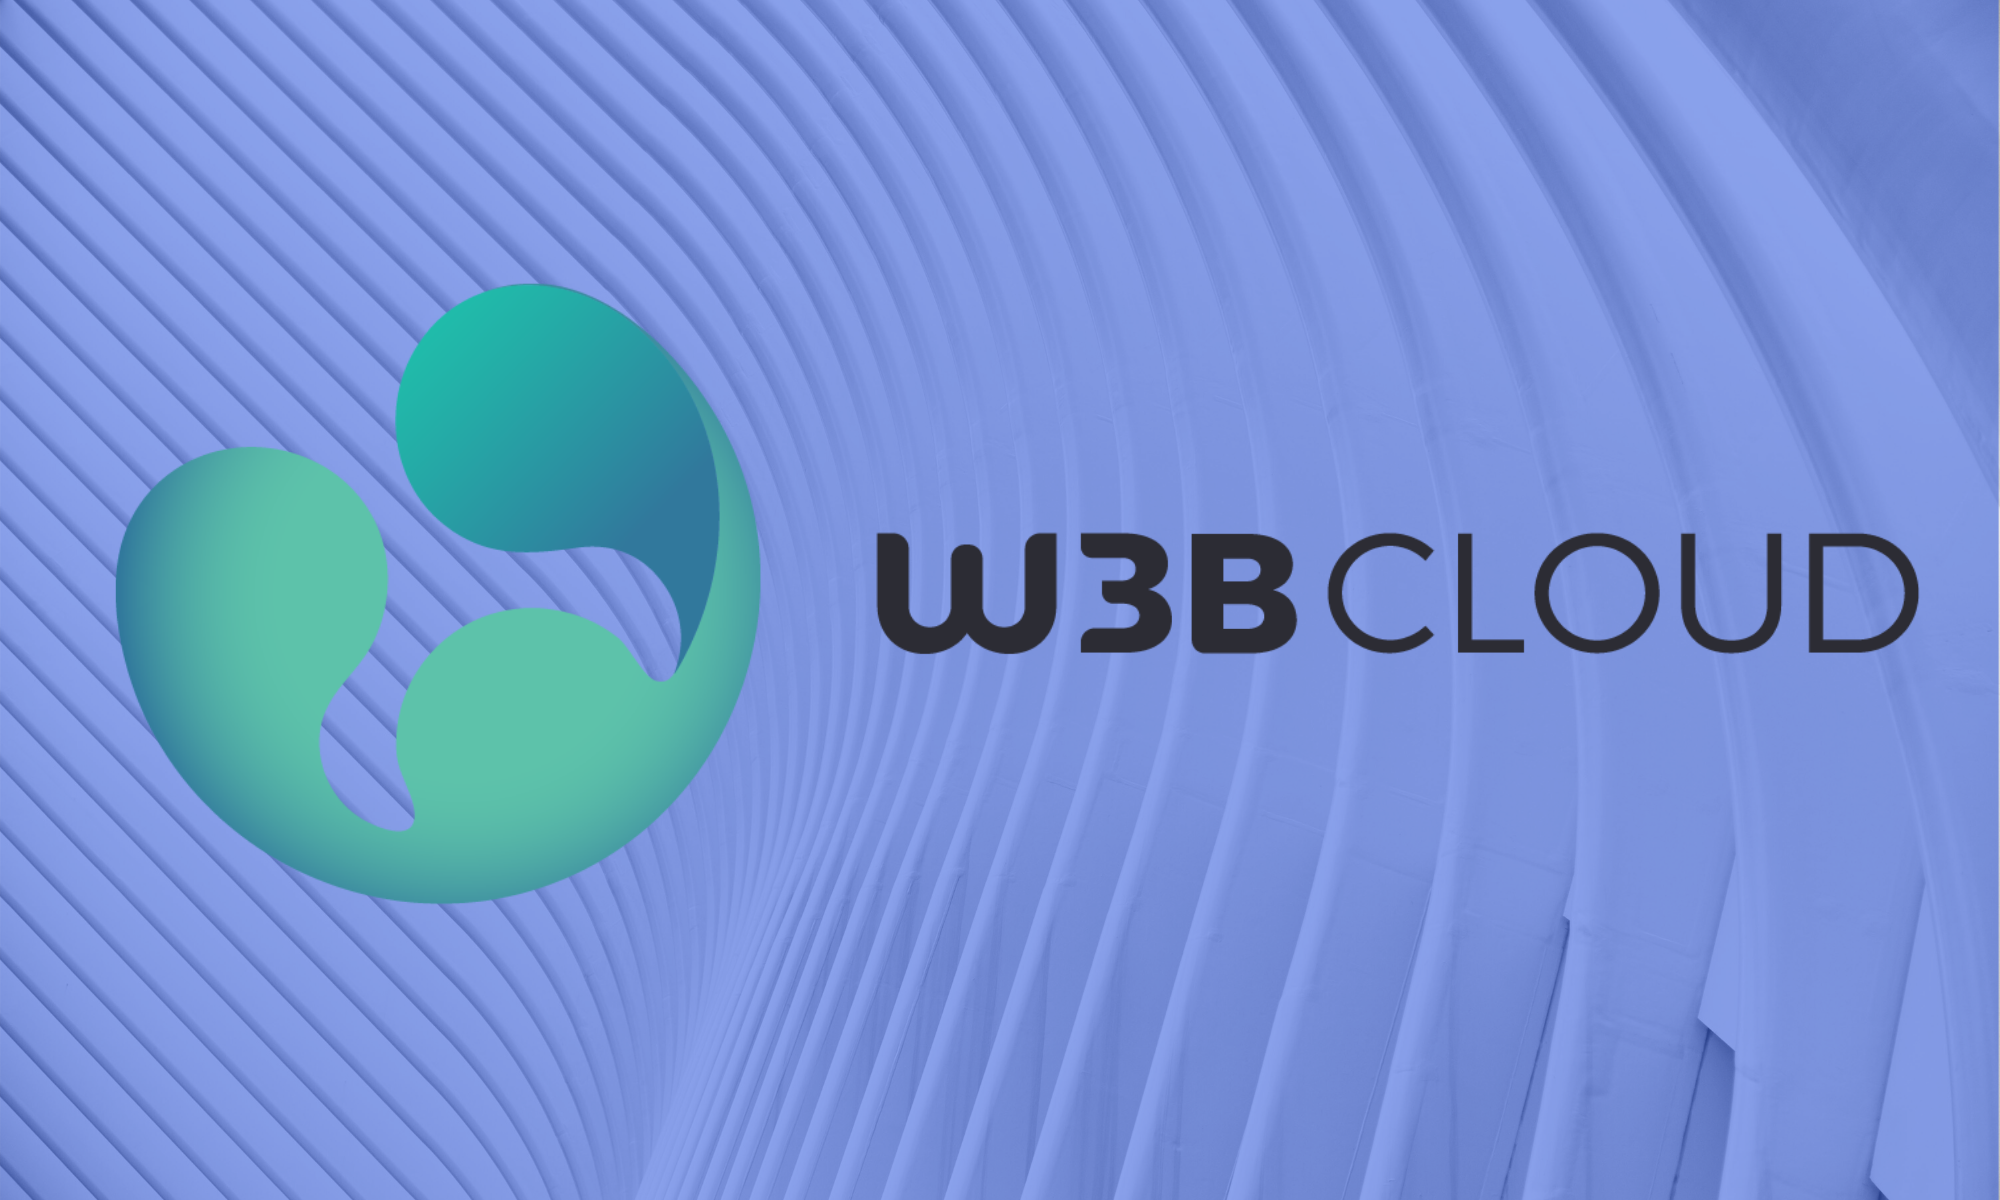 AMD y ConsenSys se alían para crear la infraestructura blockchain W3BCLOUD